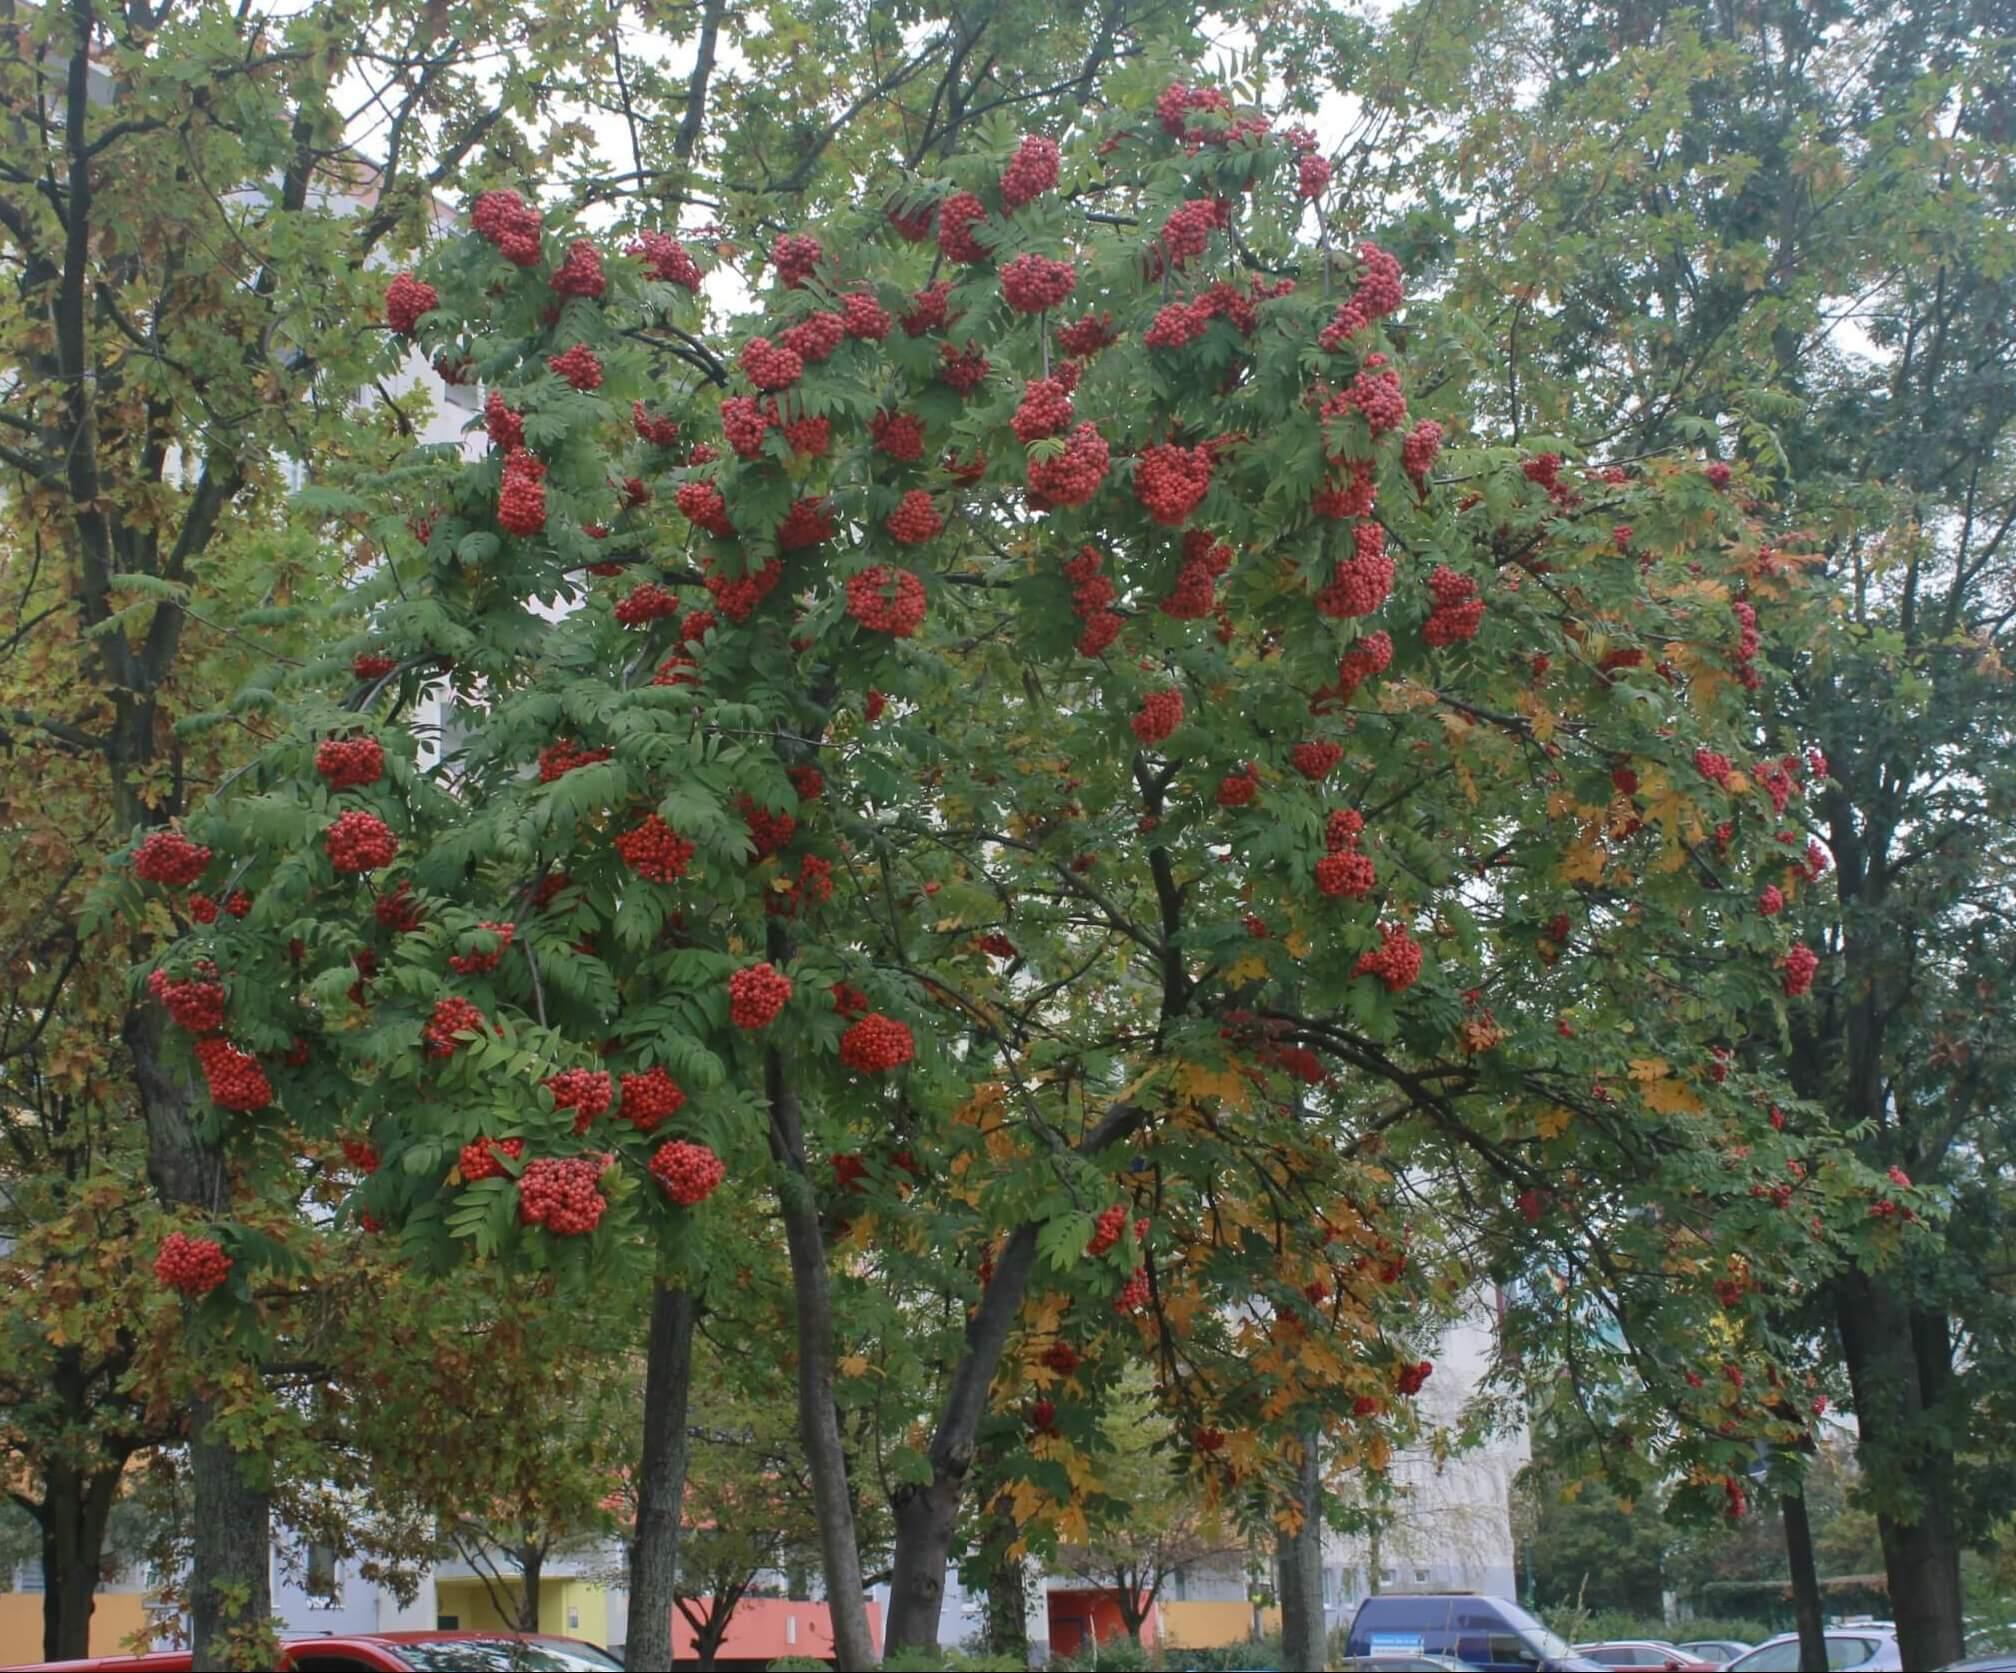 Das Bild zeigt die im Herbst auffallenden, kräftig rot gefärbten Früchte einer Eberesche (Vogelbeere) an der Schönefelder Chaussee im Kosmosviertel. Die kleinen Apfelfrüchte sitzen dicht in großer Zahl in Rispen.